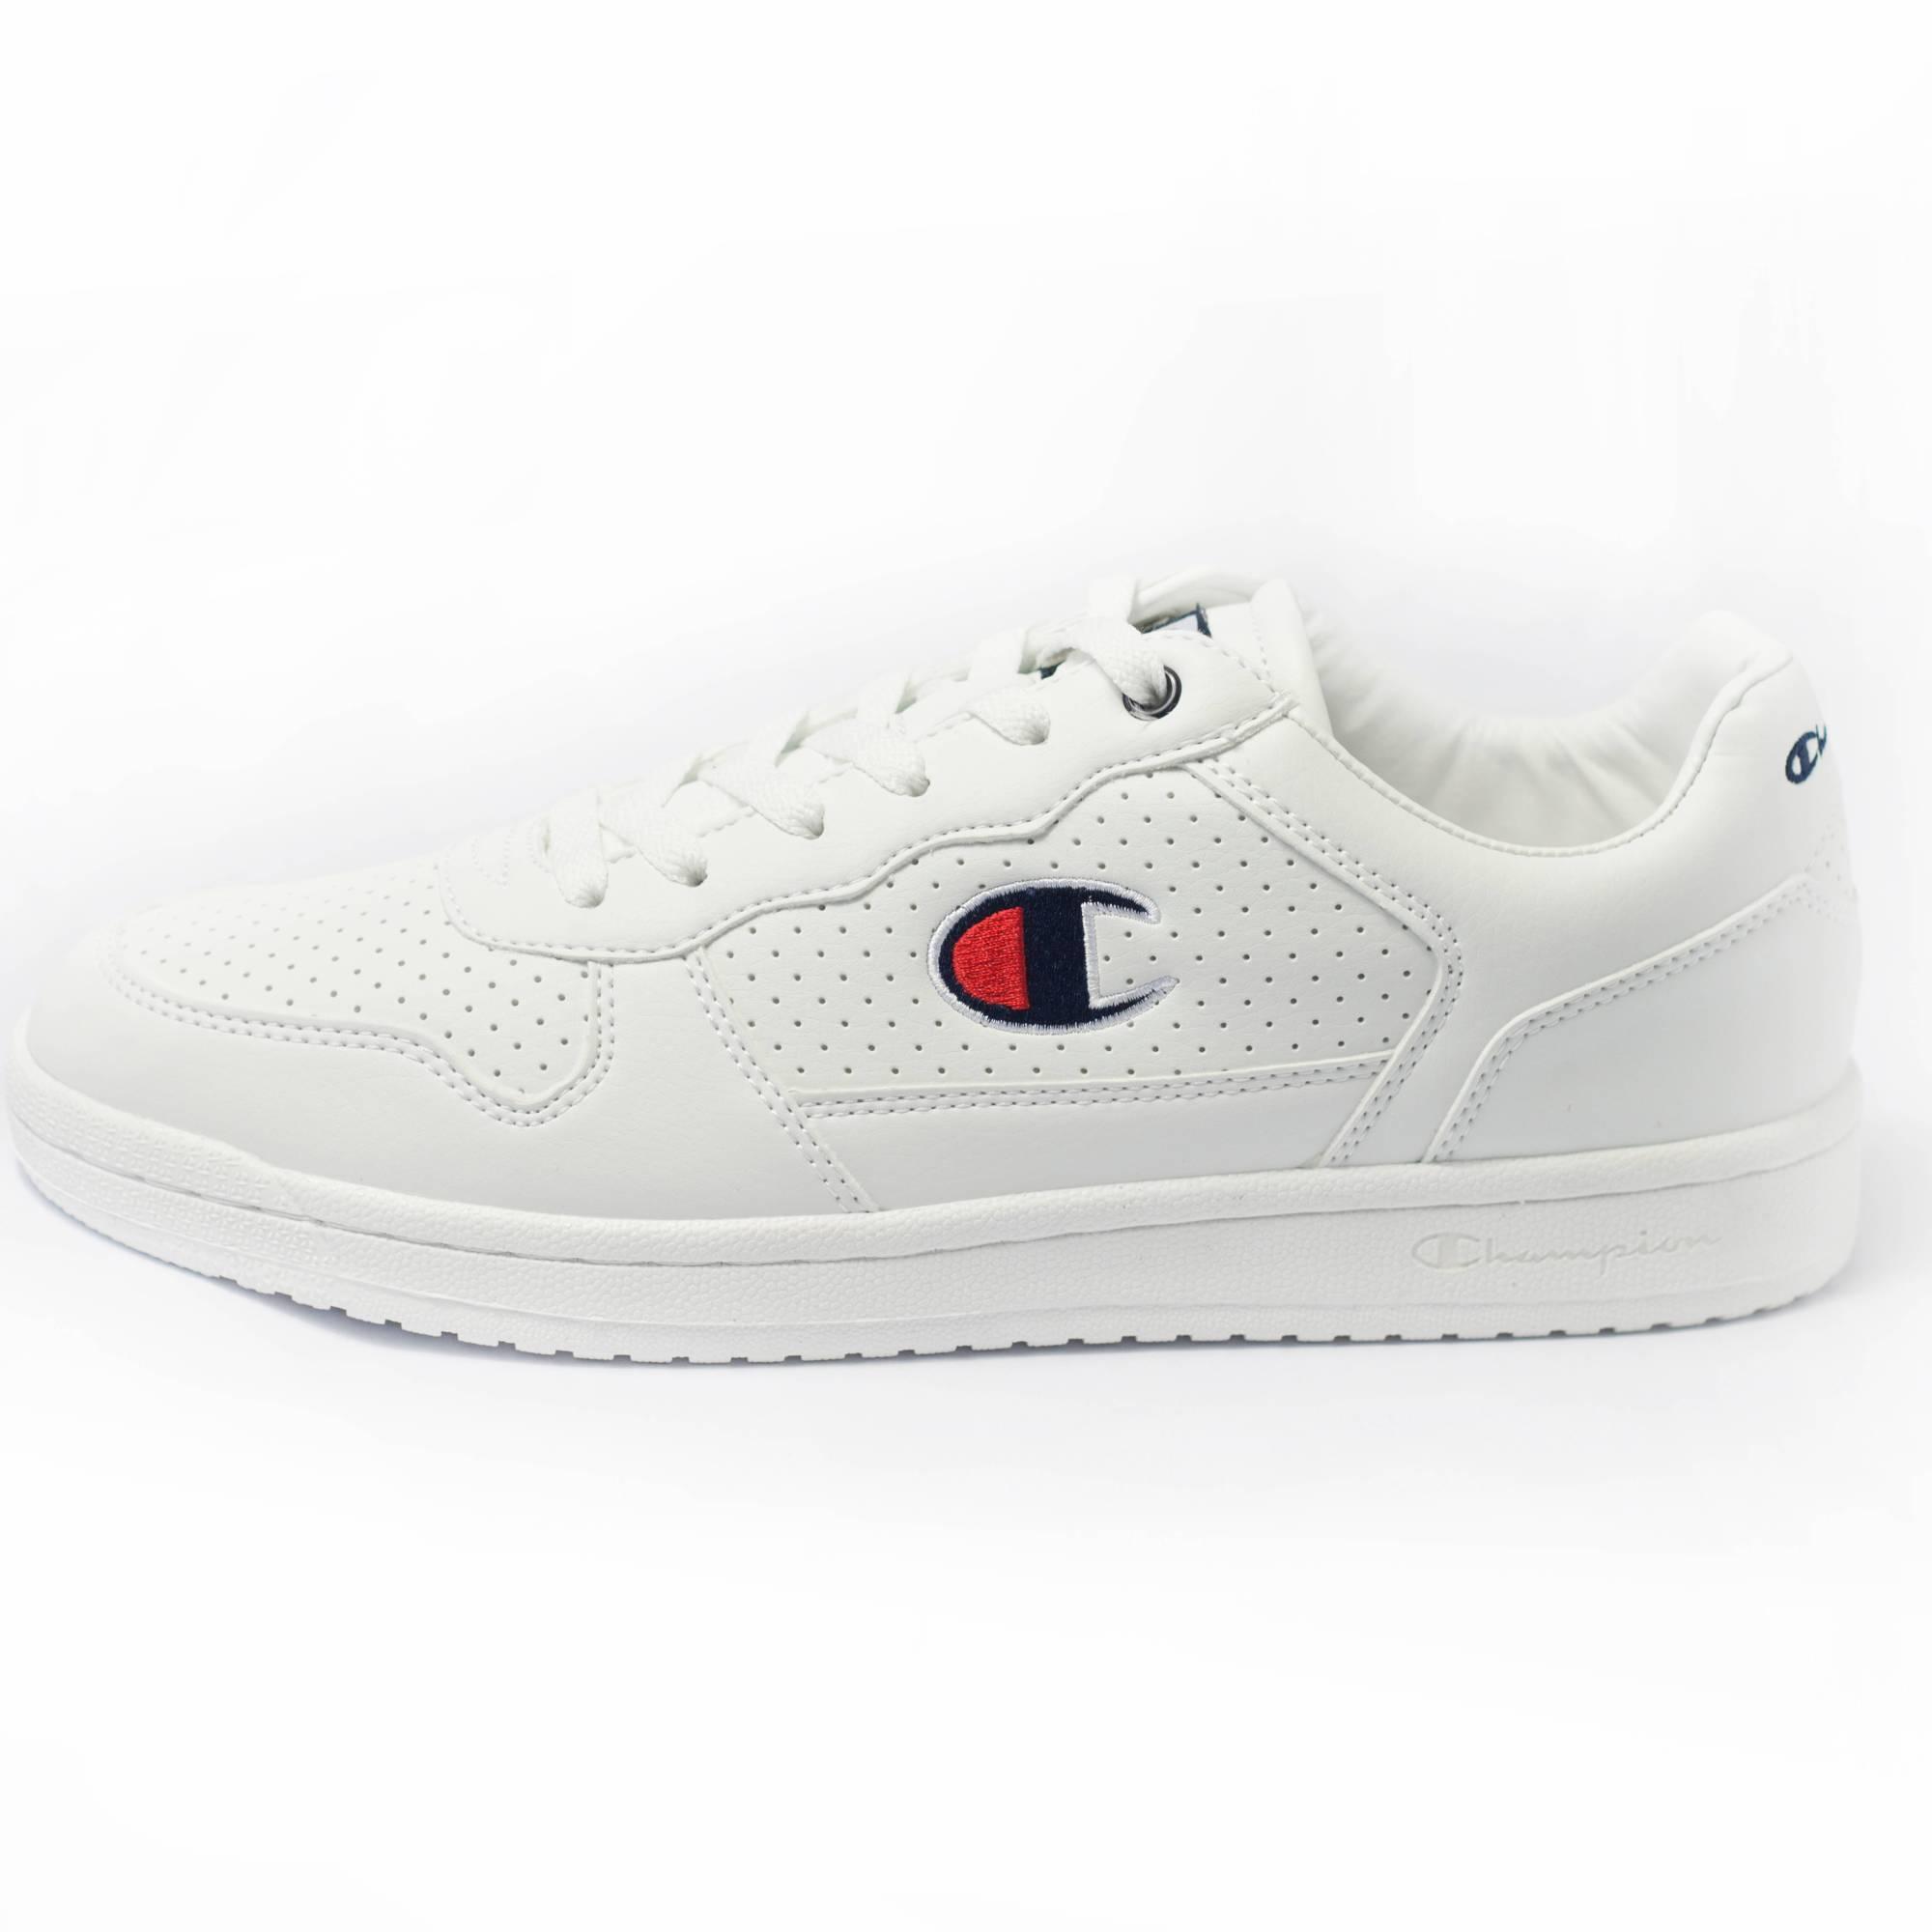 zu Herren Erwachsene Low Champion Chicago Sneaker Weiß Schuhe white Details PU 92IEDH